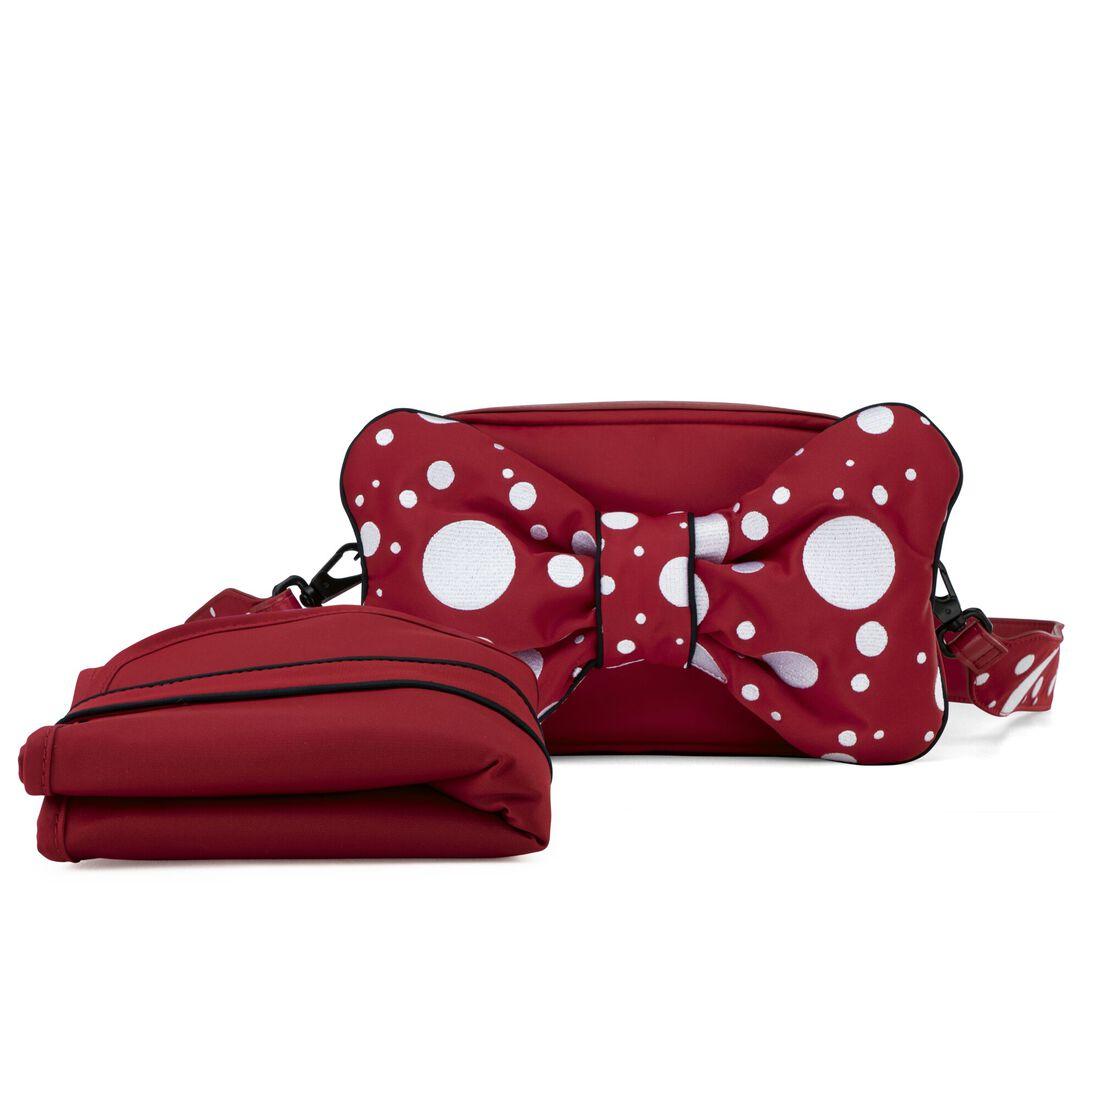 CYBEX Essential Bag - Petticoat Red in Petticoat Red large Bild 4